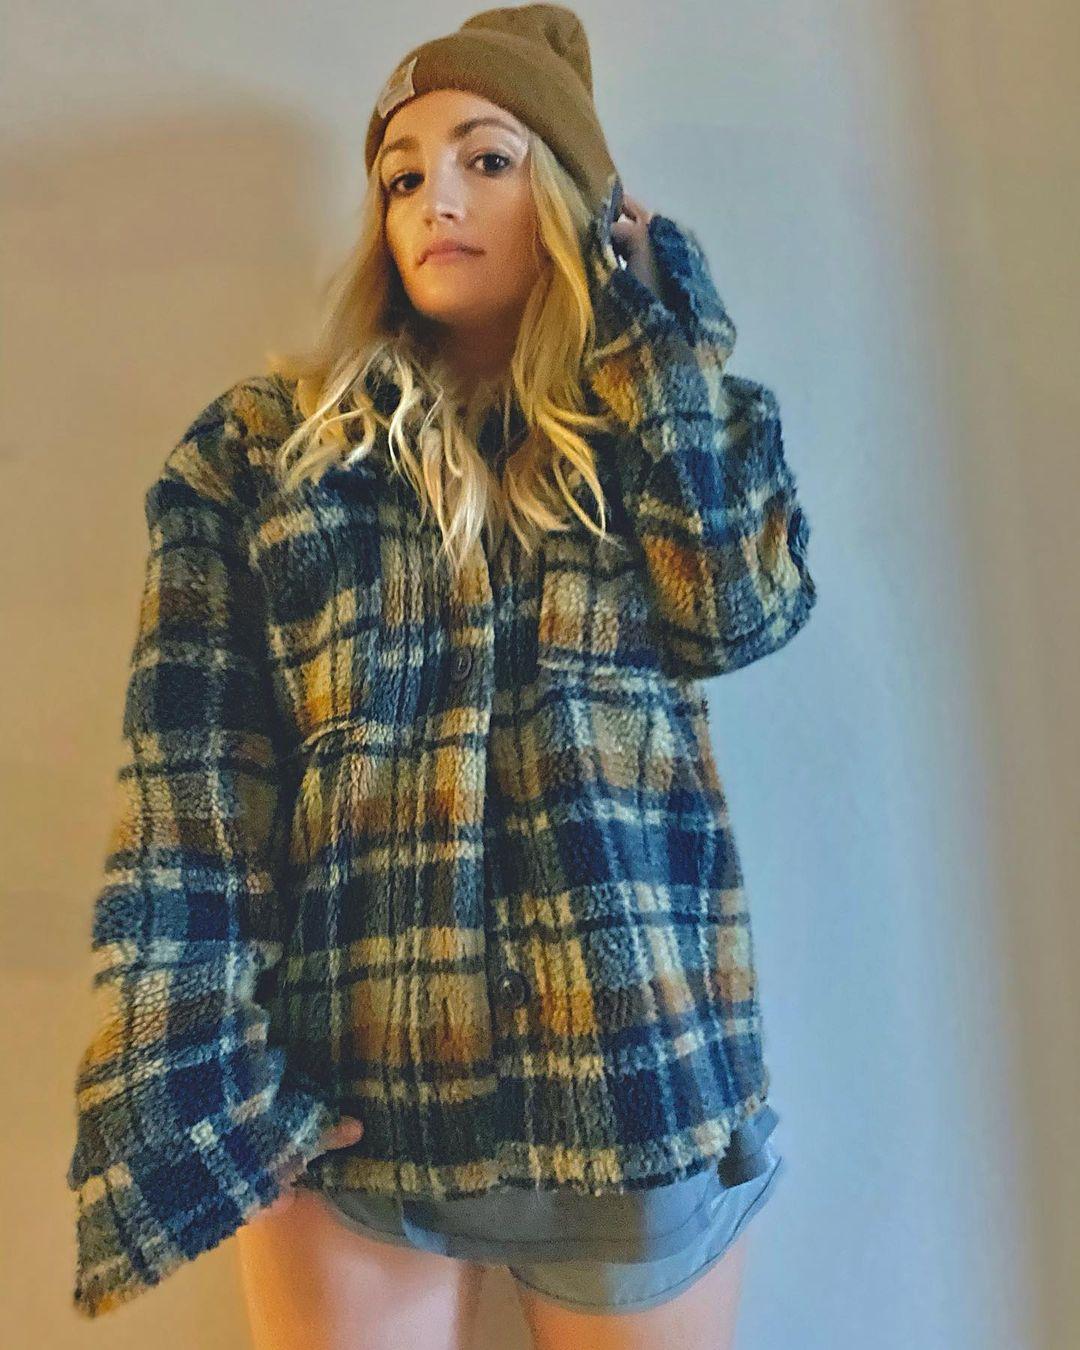 Младшая сестра Бритни Спирс впервые прокомментировала опекунство певицы-Фото 1